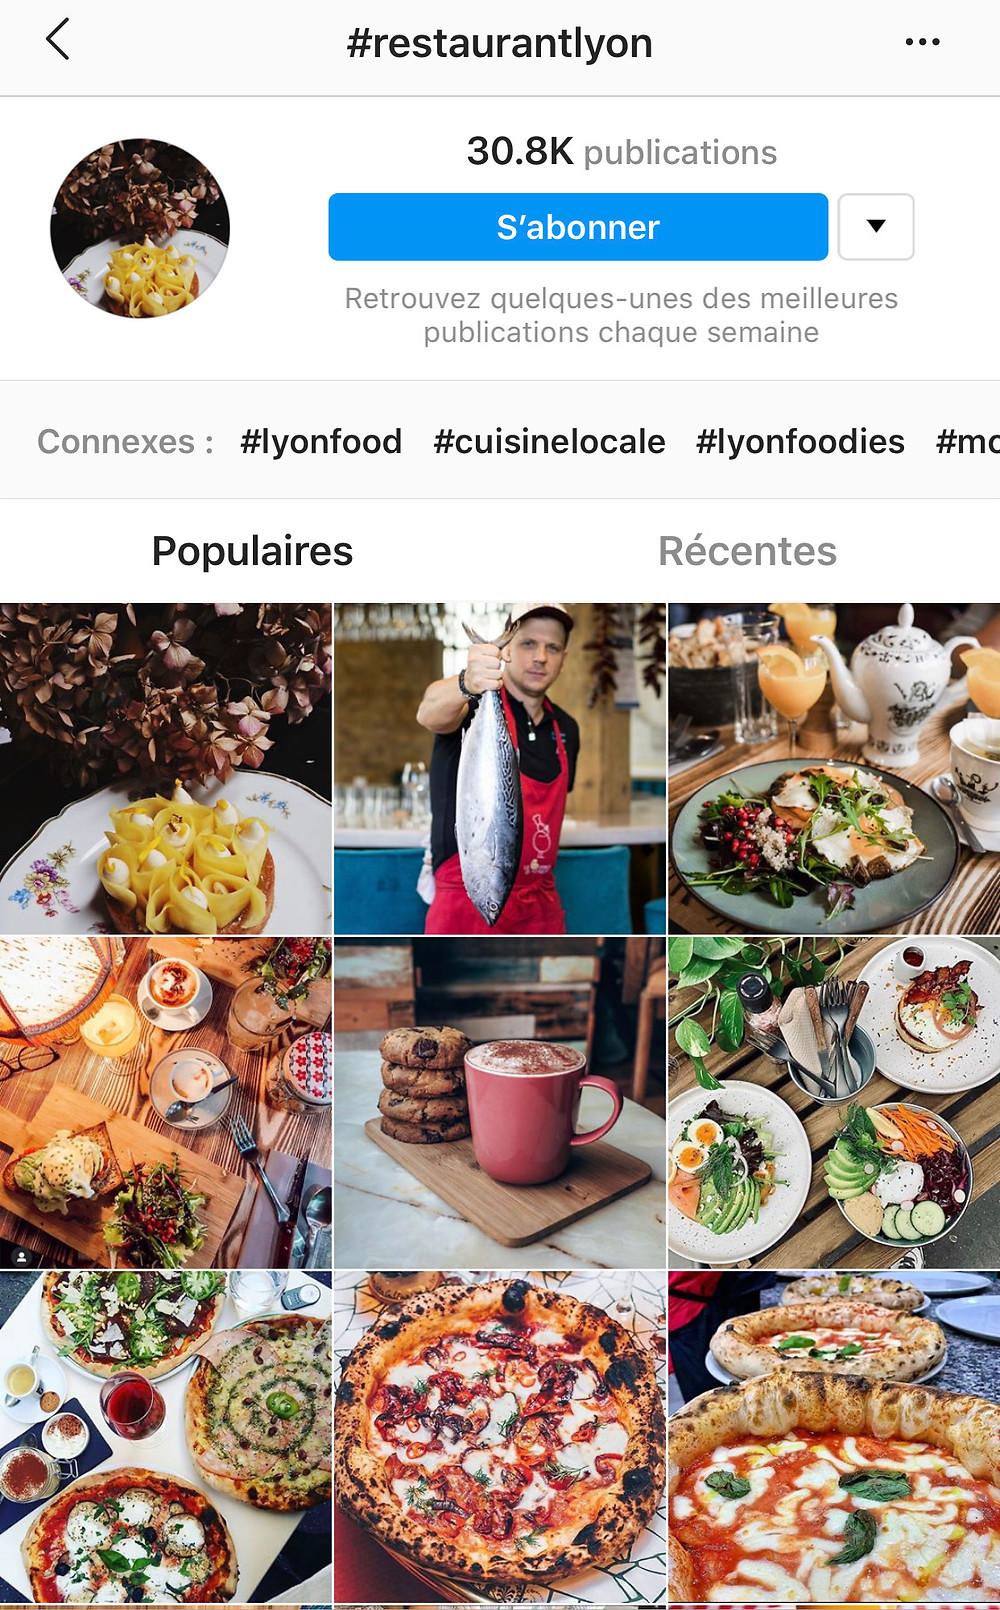 #restaurantlyon pour trouver des hashtag populaire pour votre restaurant